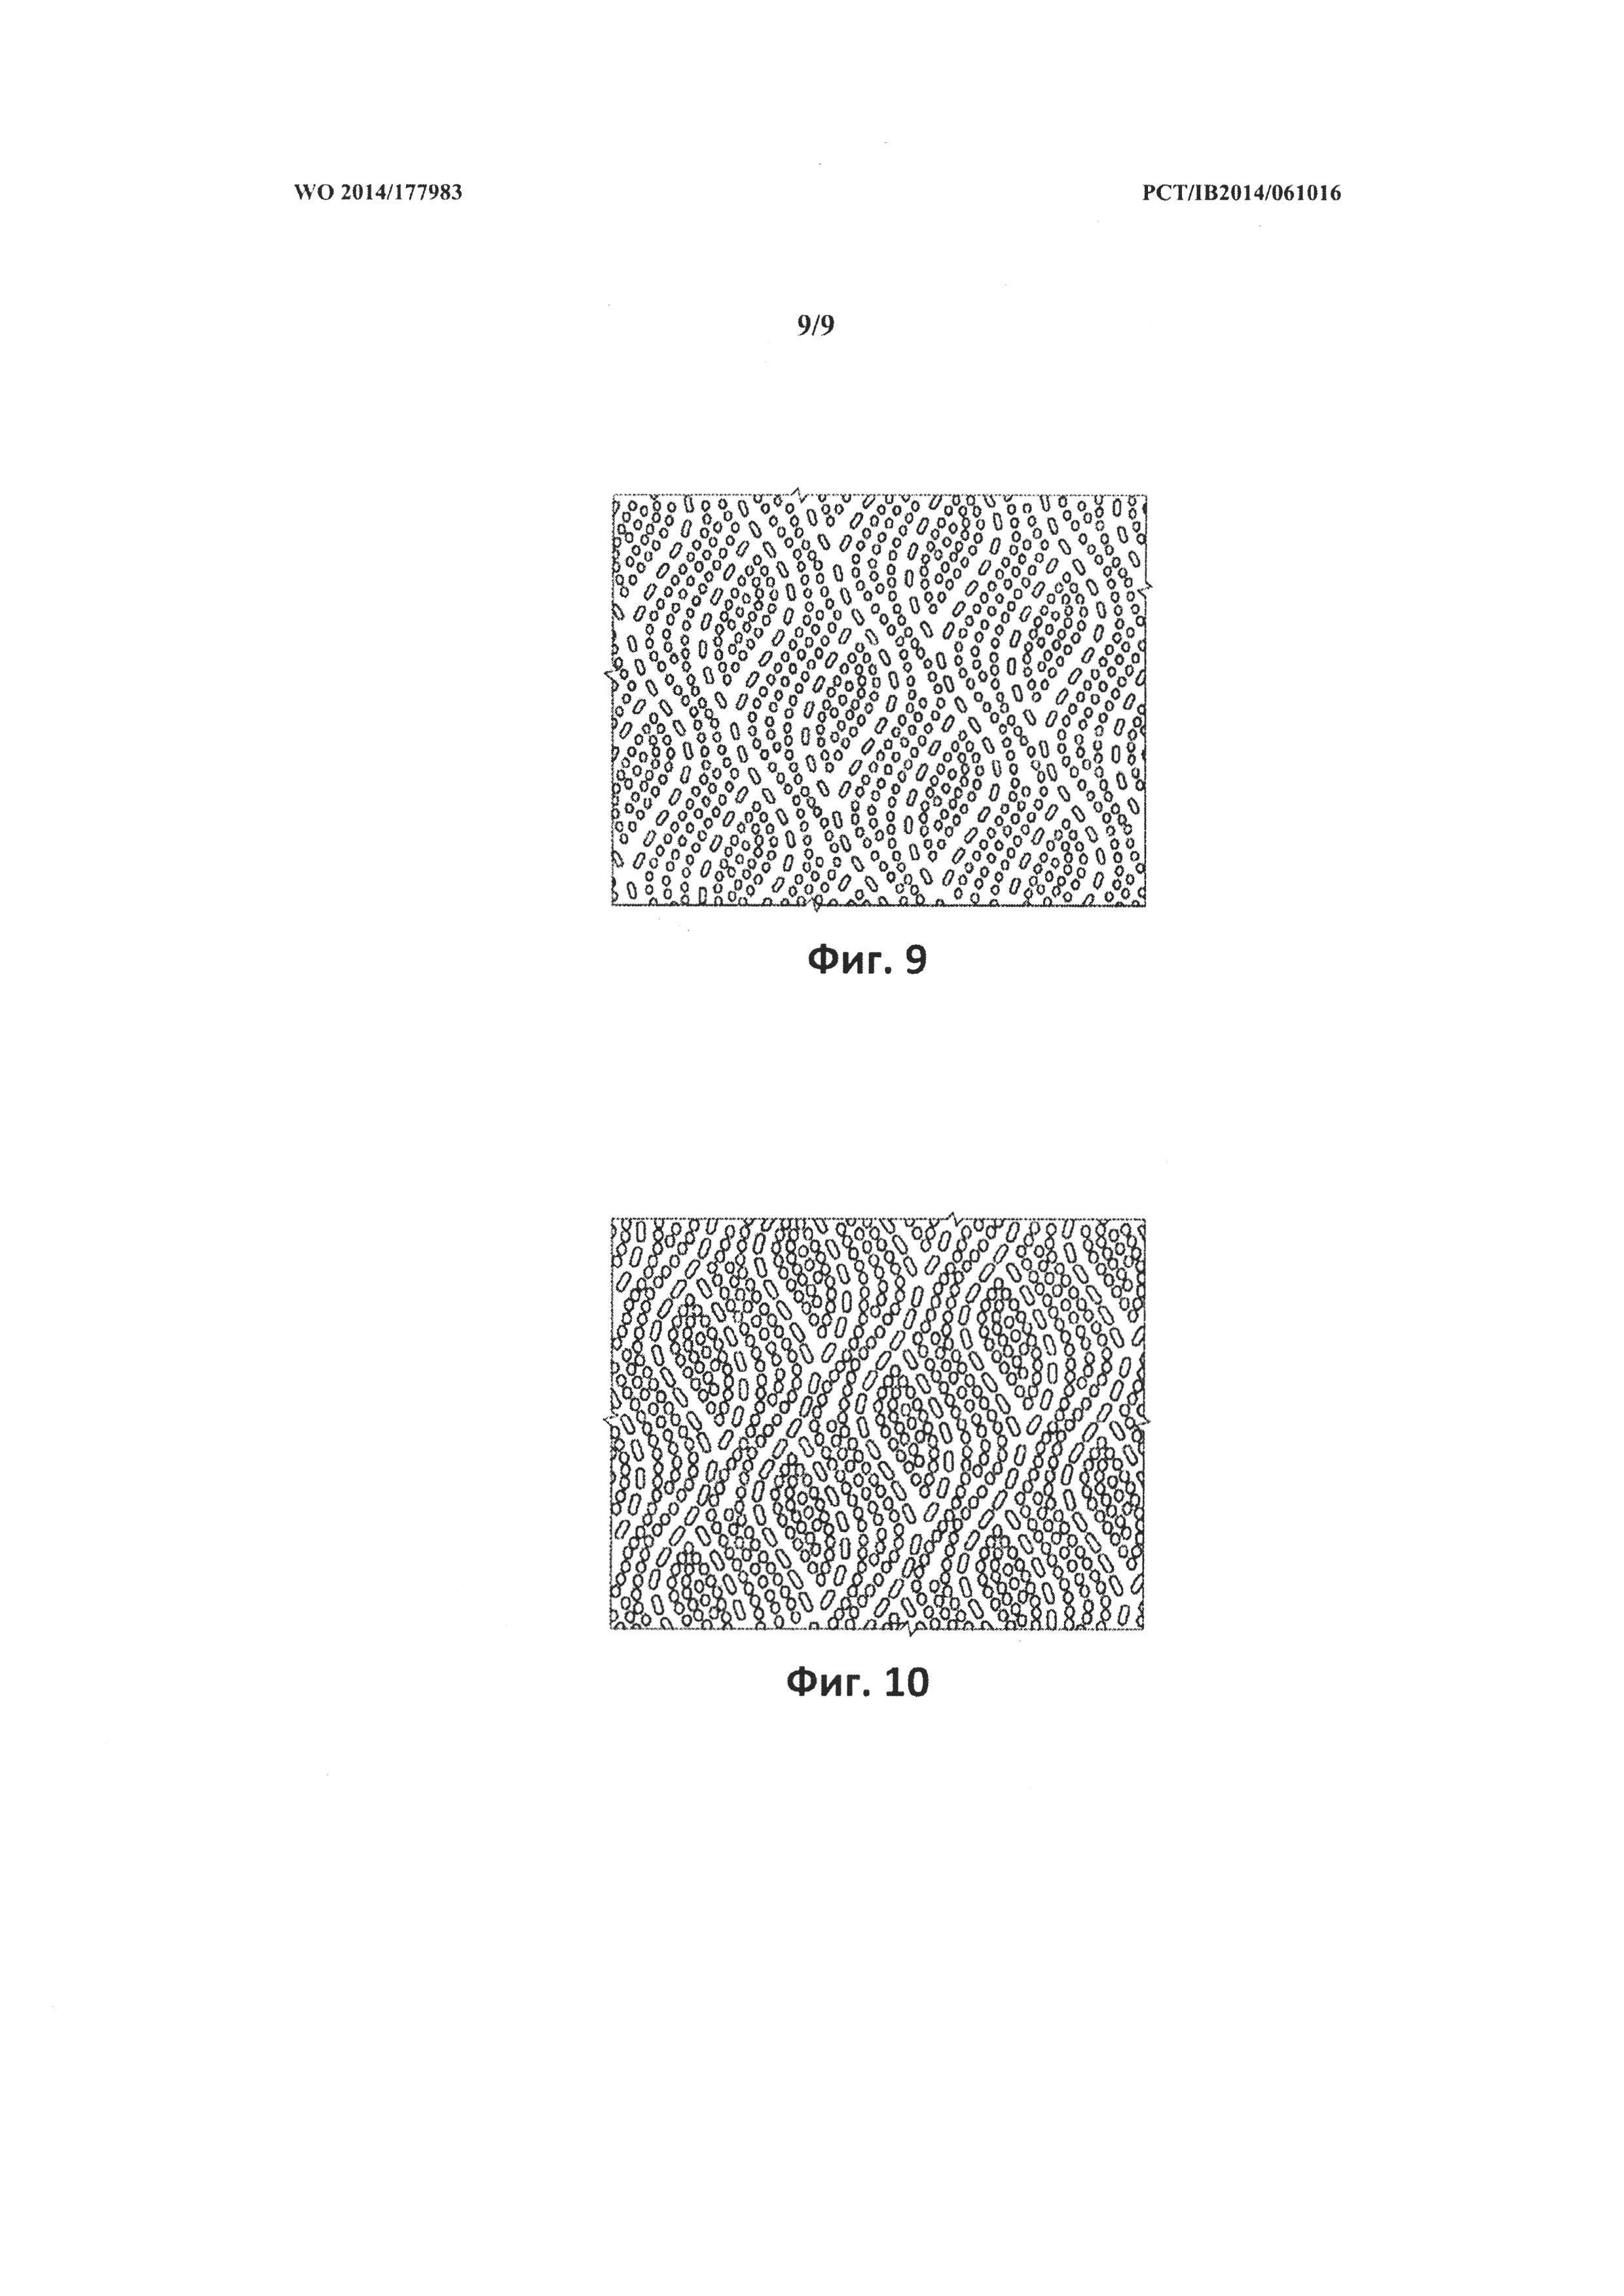 Волокнистое нетканое полотно с пористой структурой